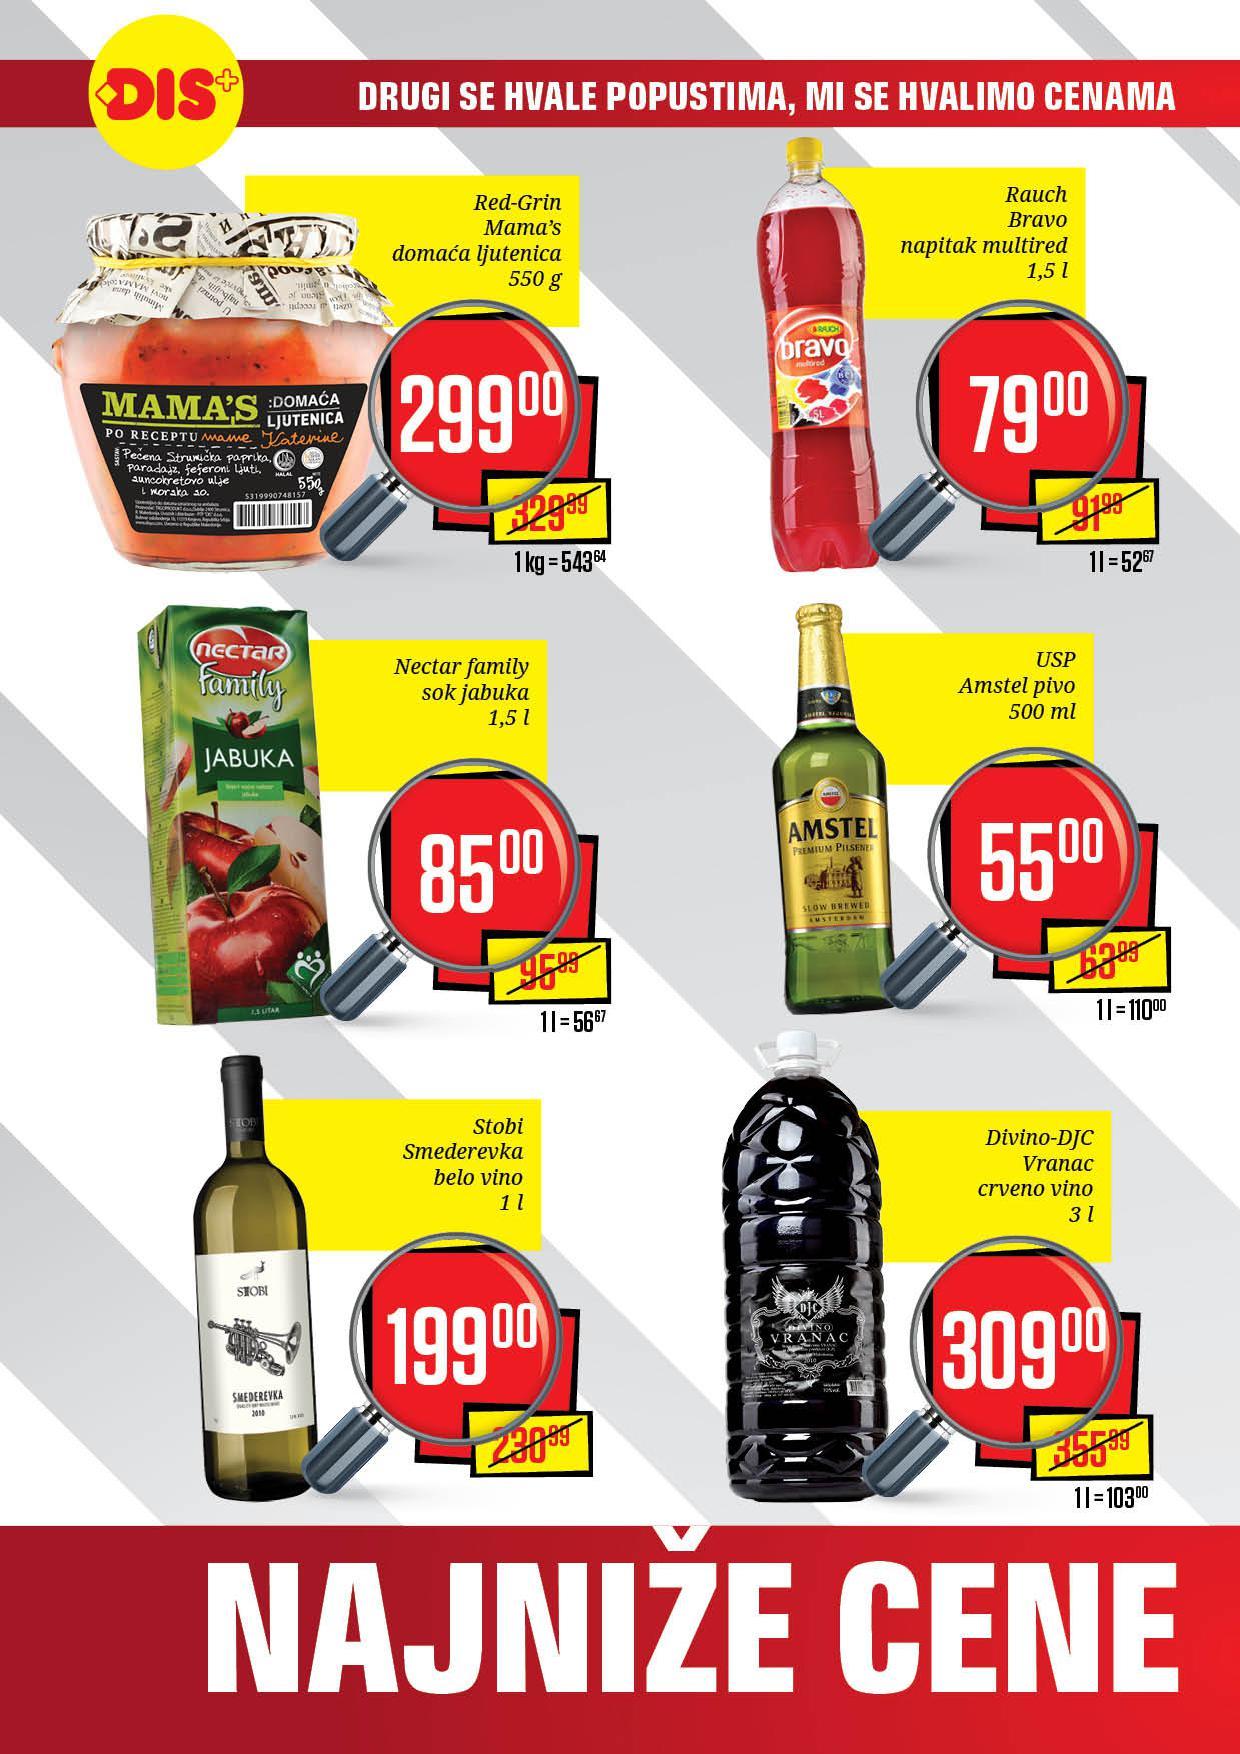 Dis katalog spremne su najniže cene u Beogradu